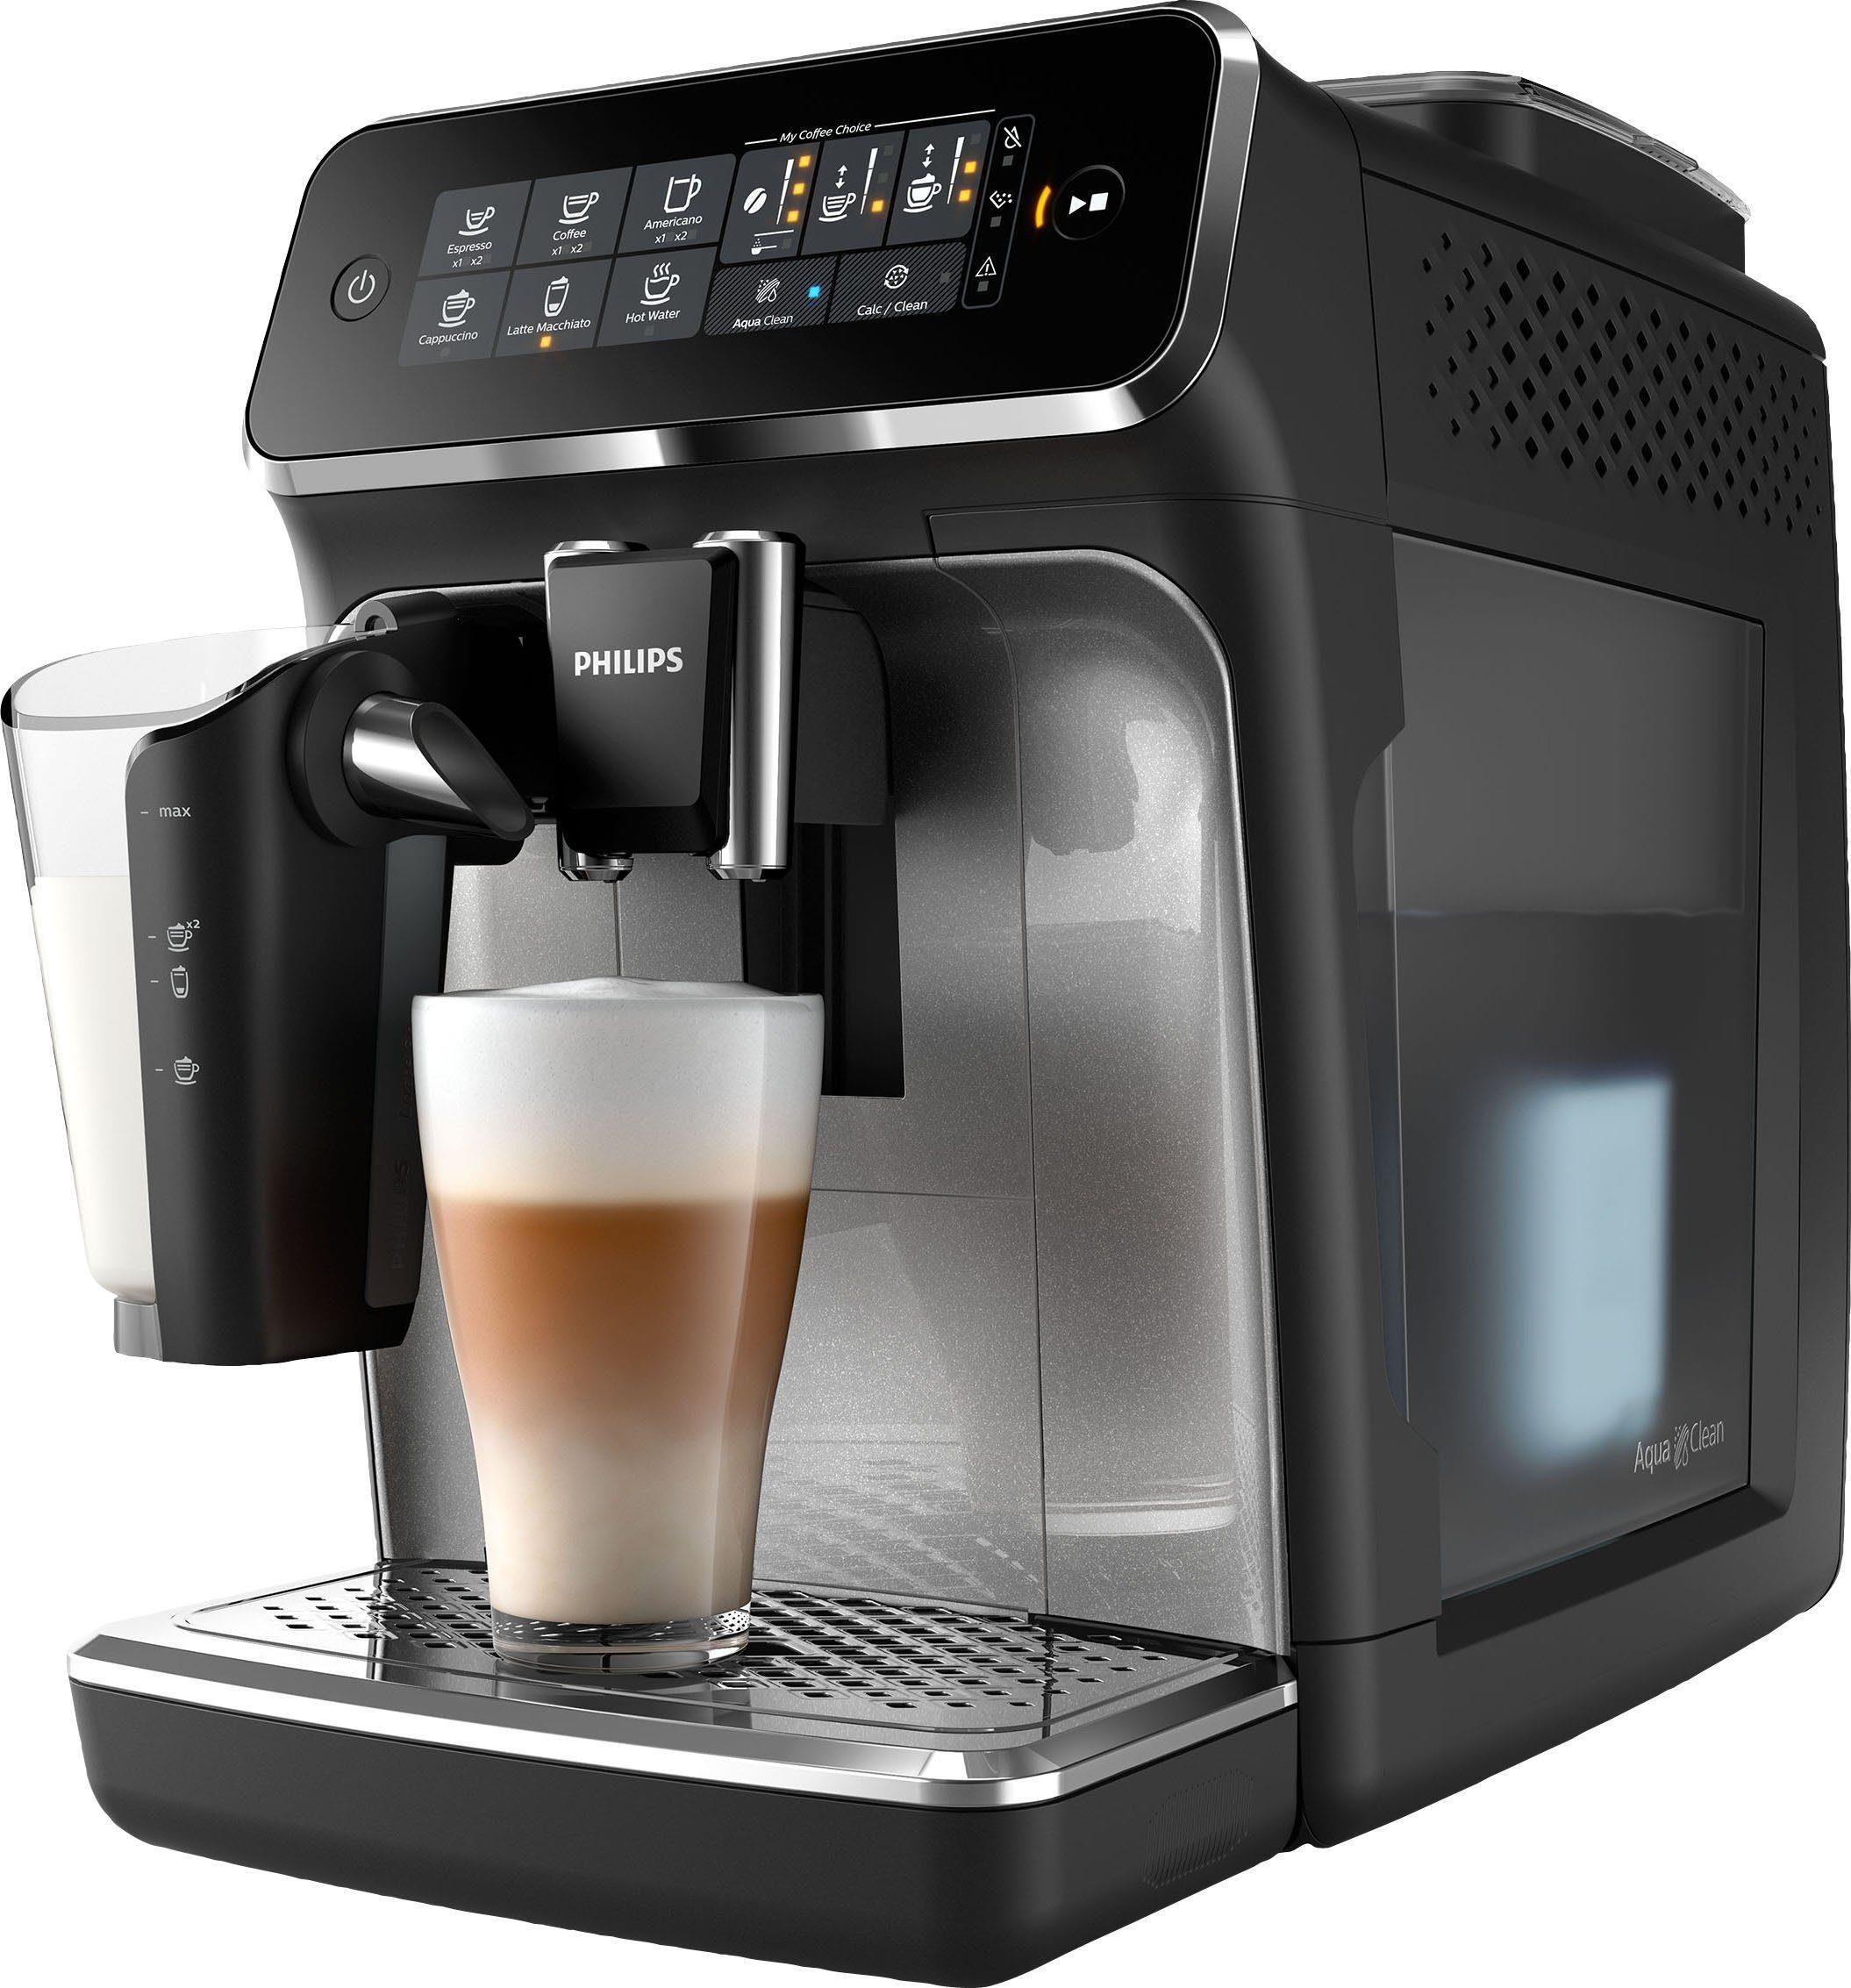 تصویر اسپرسو ساز فیلیپس هلند Philips Kaffeevollautomat 3200 Serie EP3246/70 LatteGo